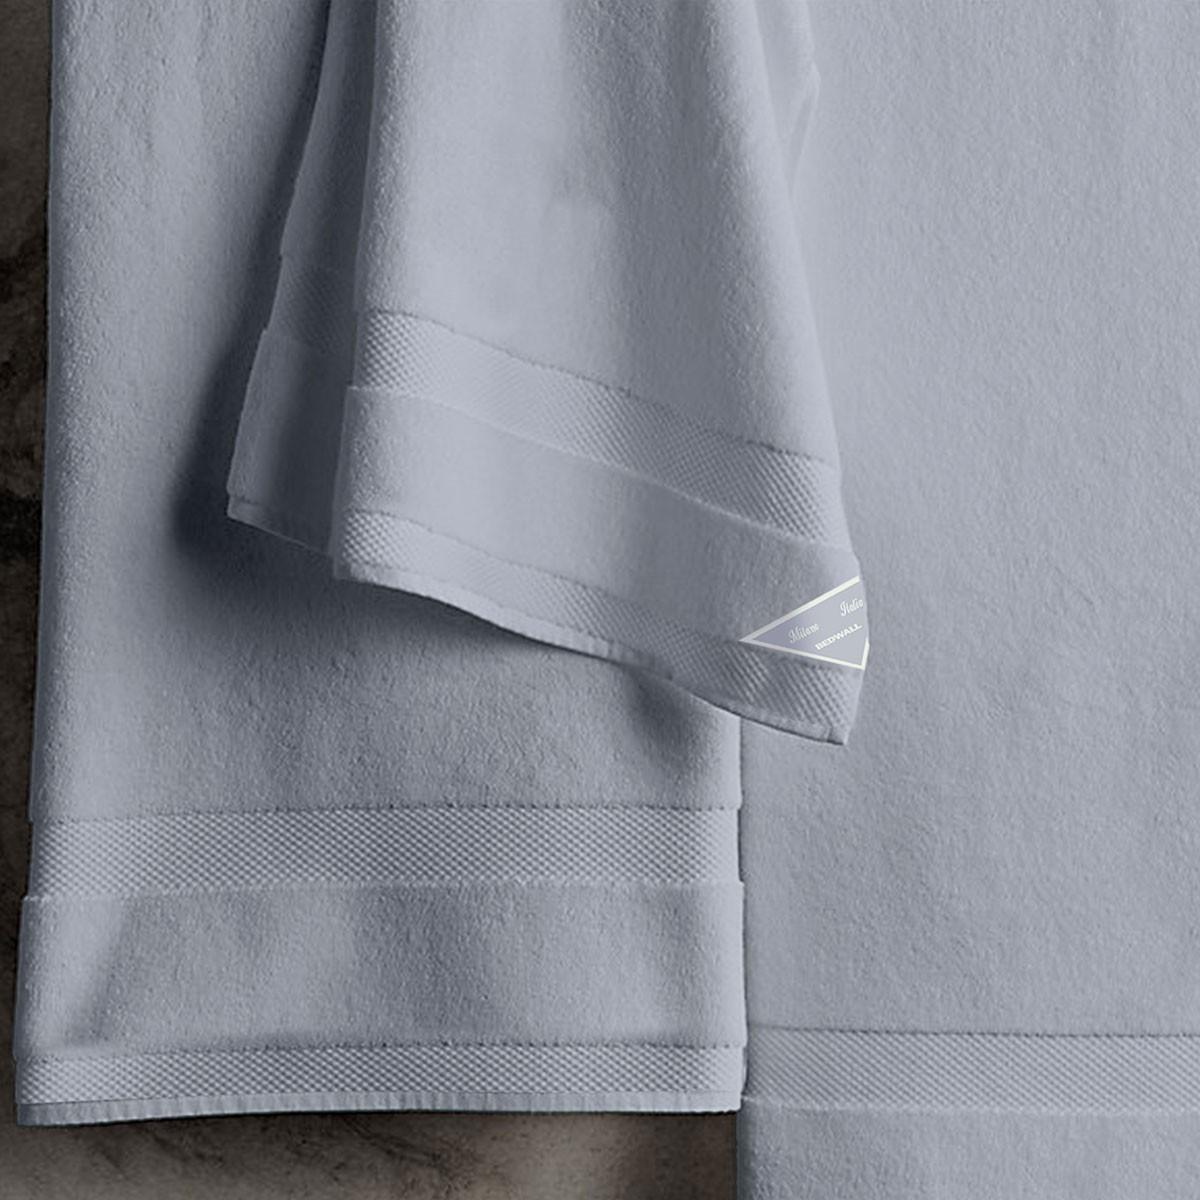 Πετσέτες Μπάνιου (Σετ 3τμχ) Bedwall Super Soft Dusty Blue